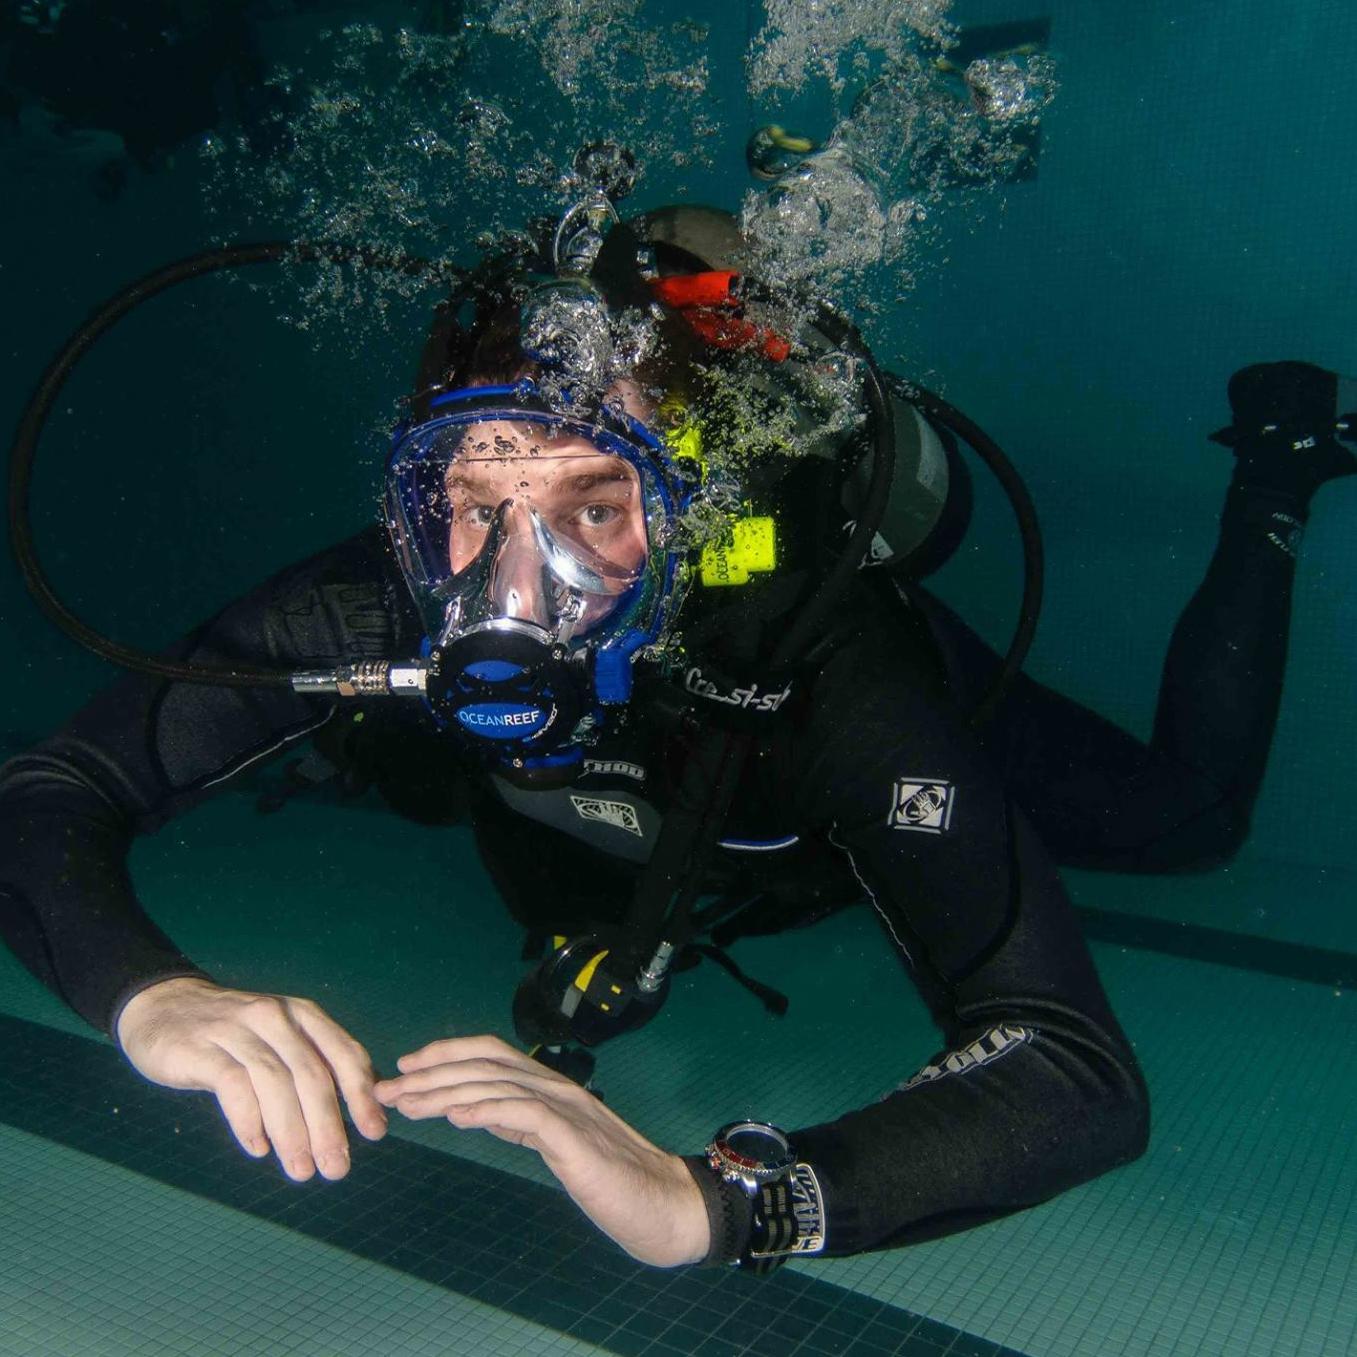 Ocean Reef Premium